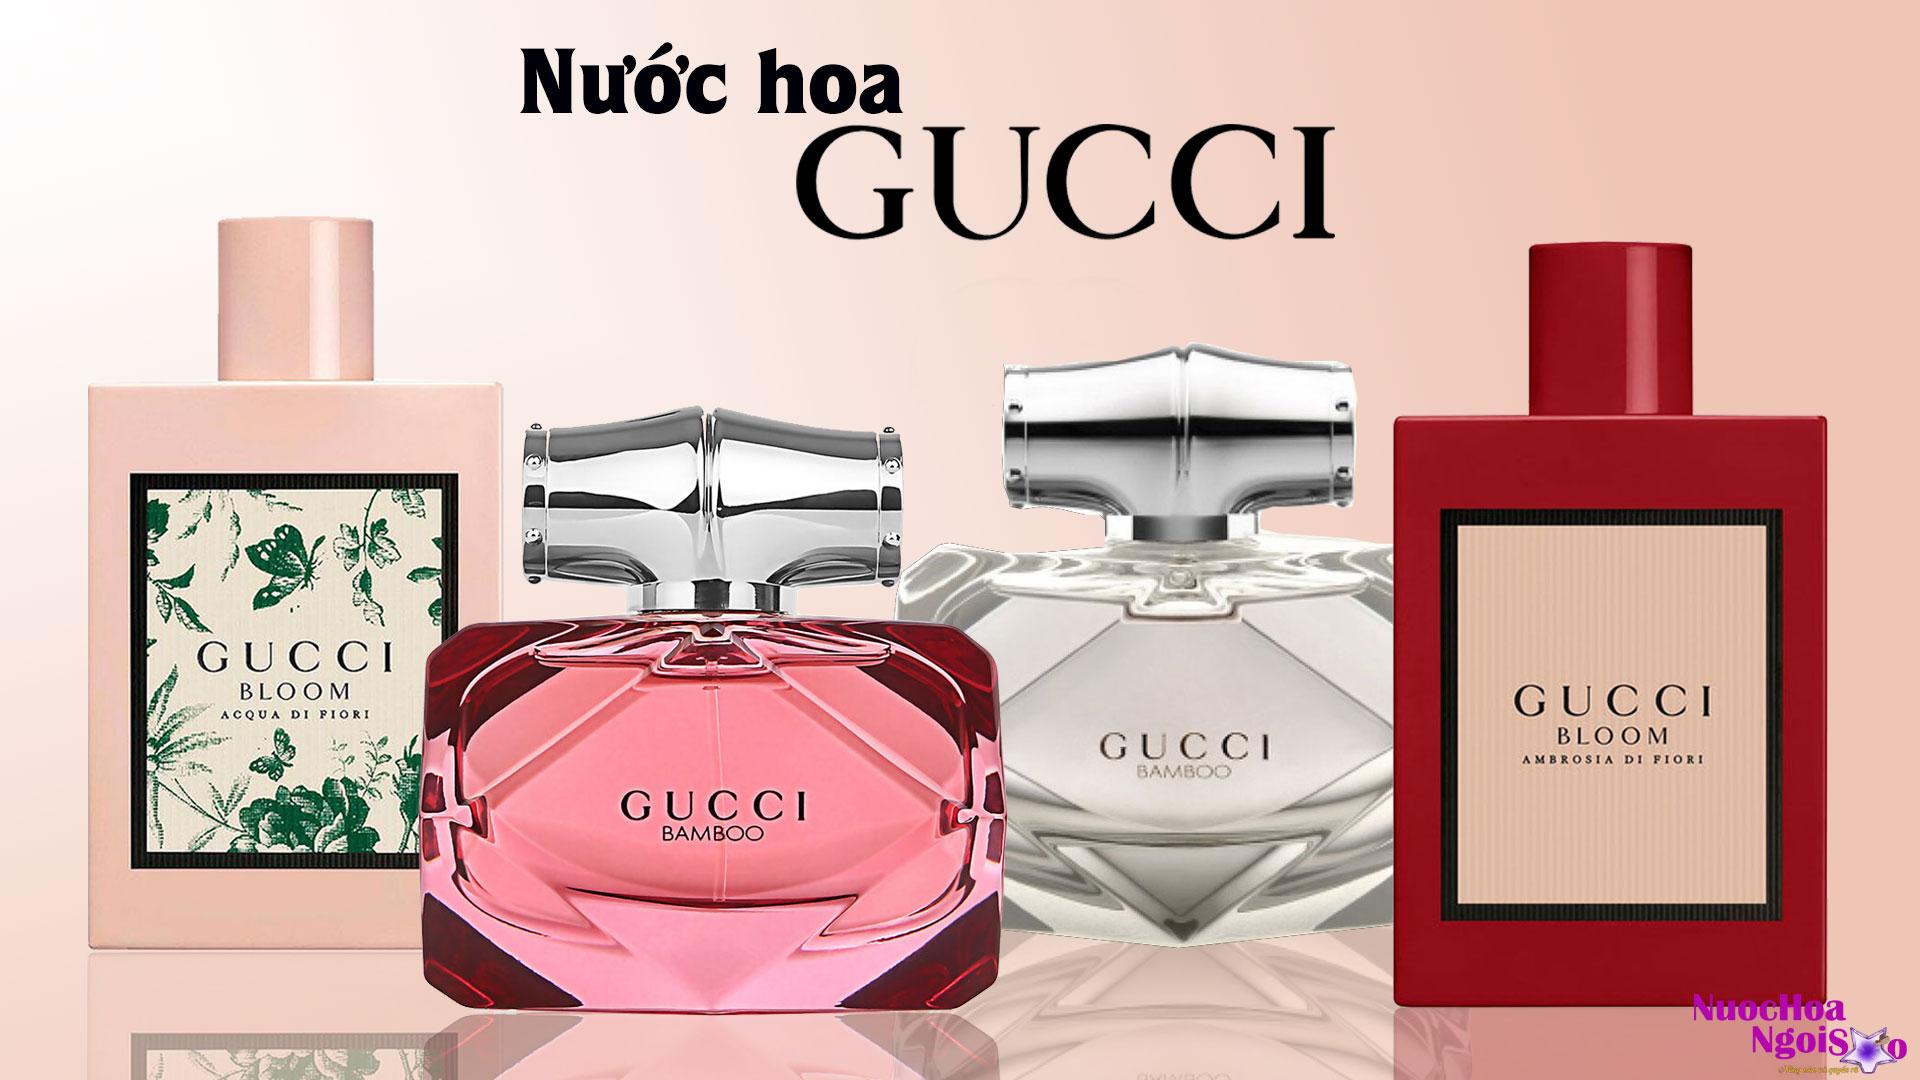 2 dòng nước hoa Gucci giành cho nữ bán chạy nhất